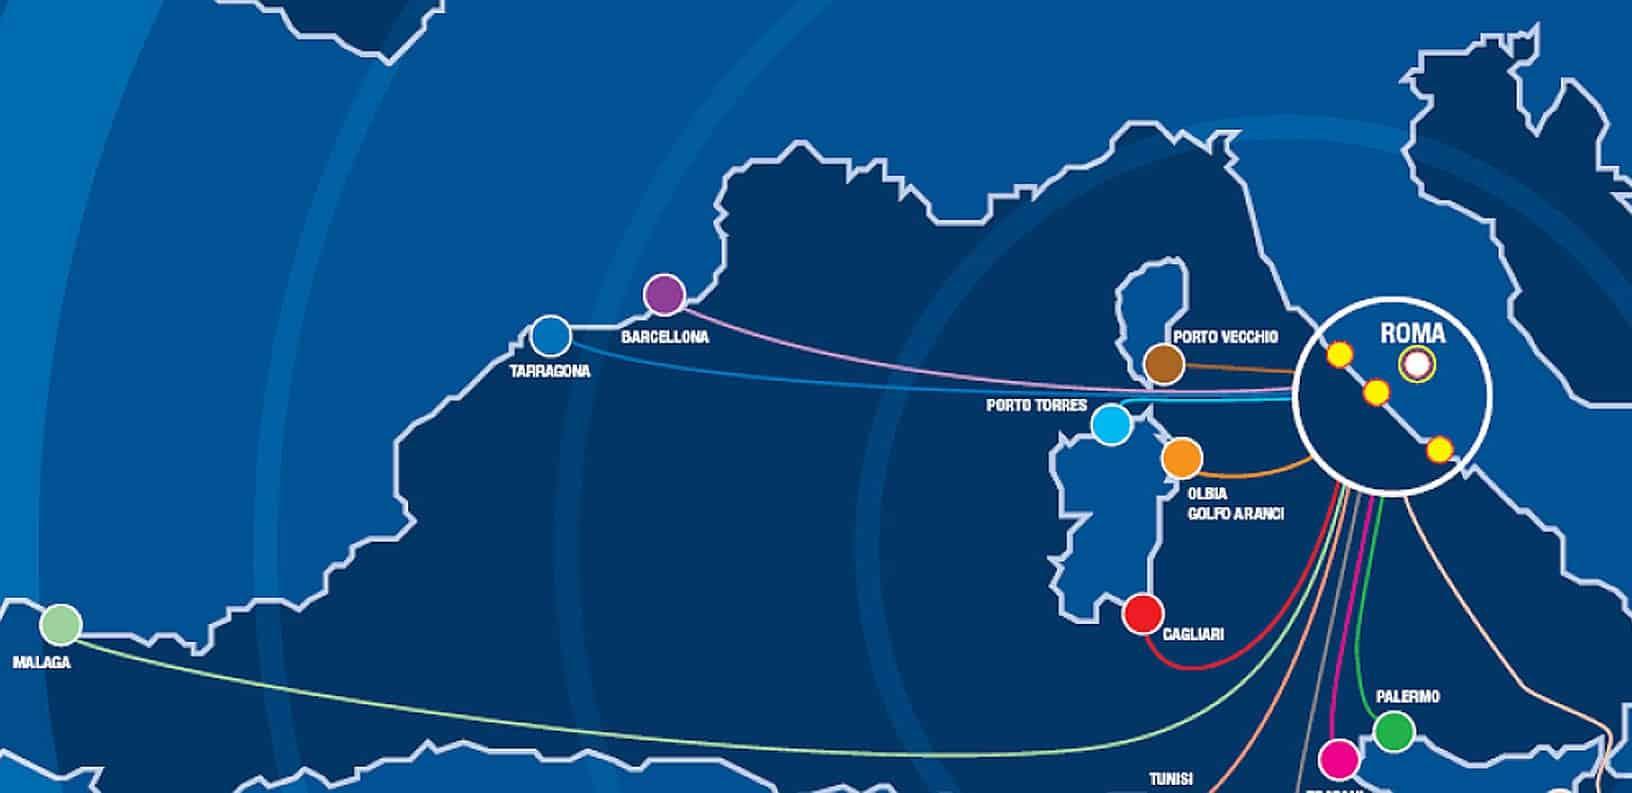 Gli attuali collegamenti marittimi da e per il porto di Civitavecchia